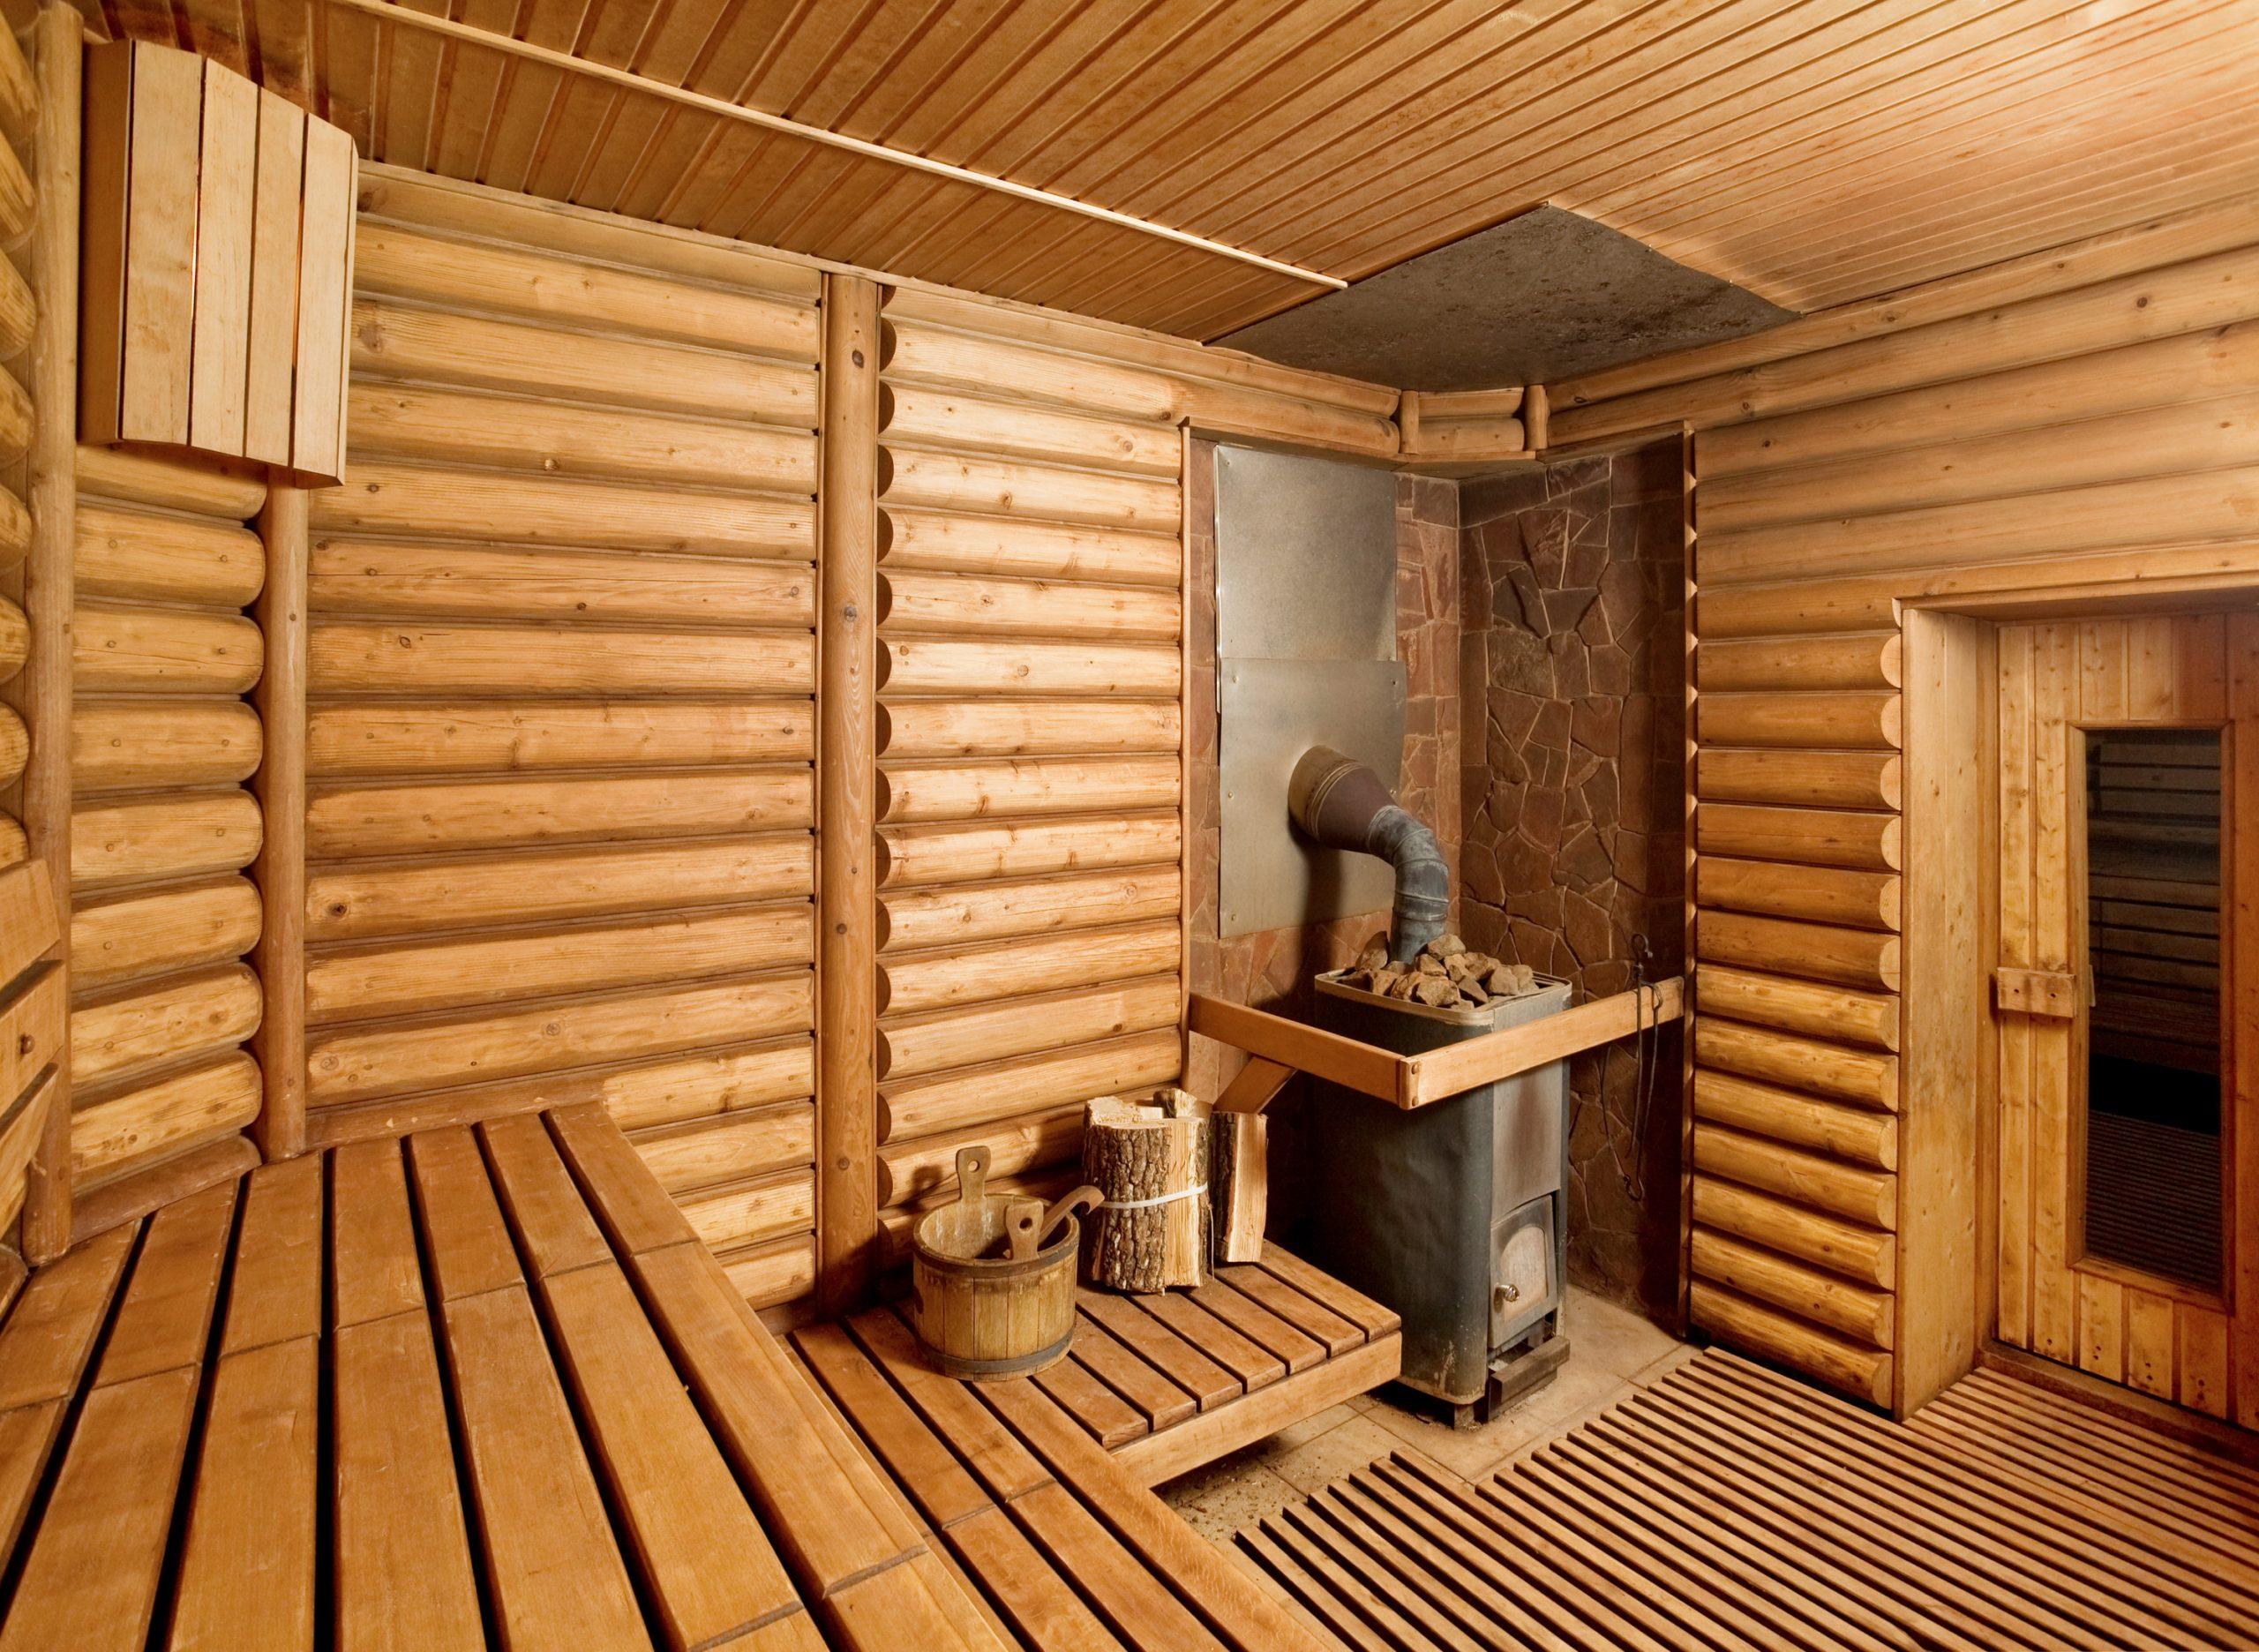 Что нужно знать о вентиляции в бане: схема и устройство для русской бани и сауны, для пола и парилки. 10 разных схем